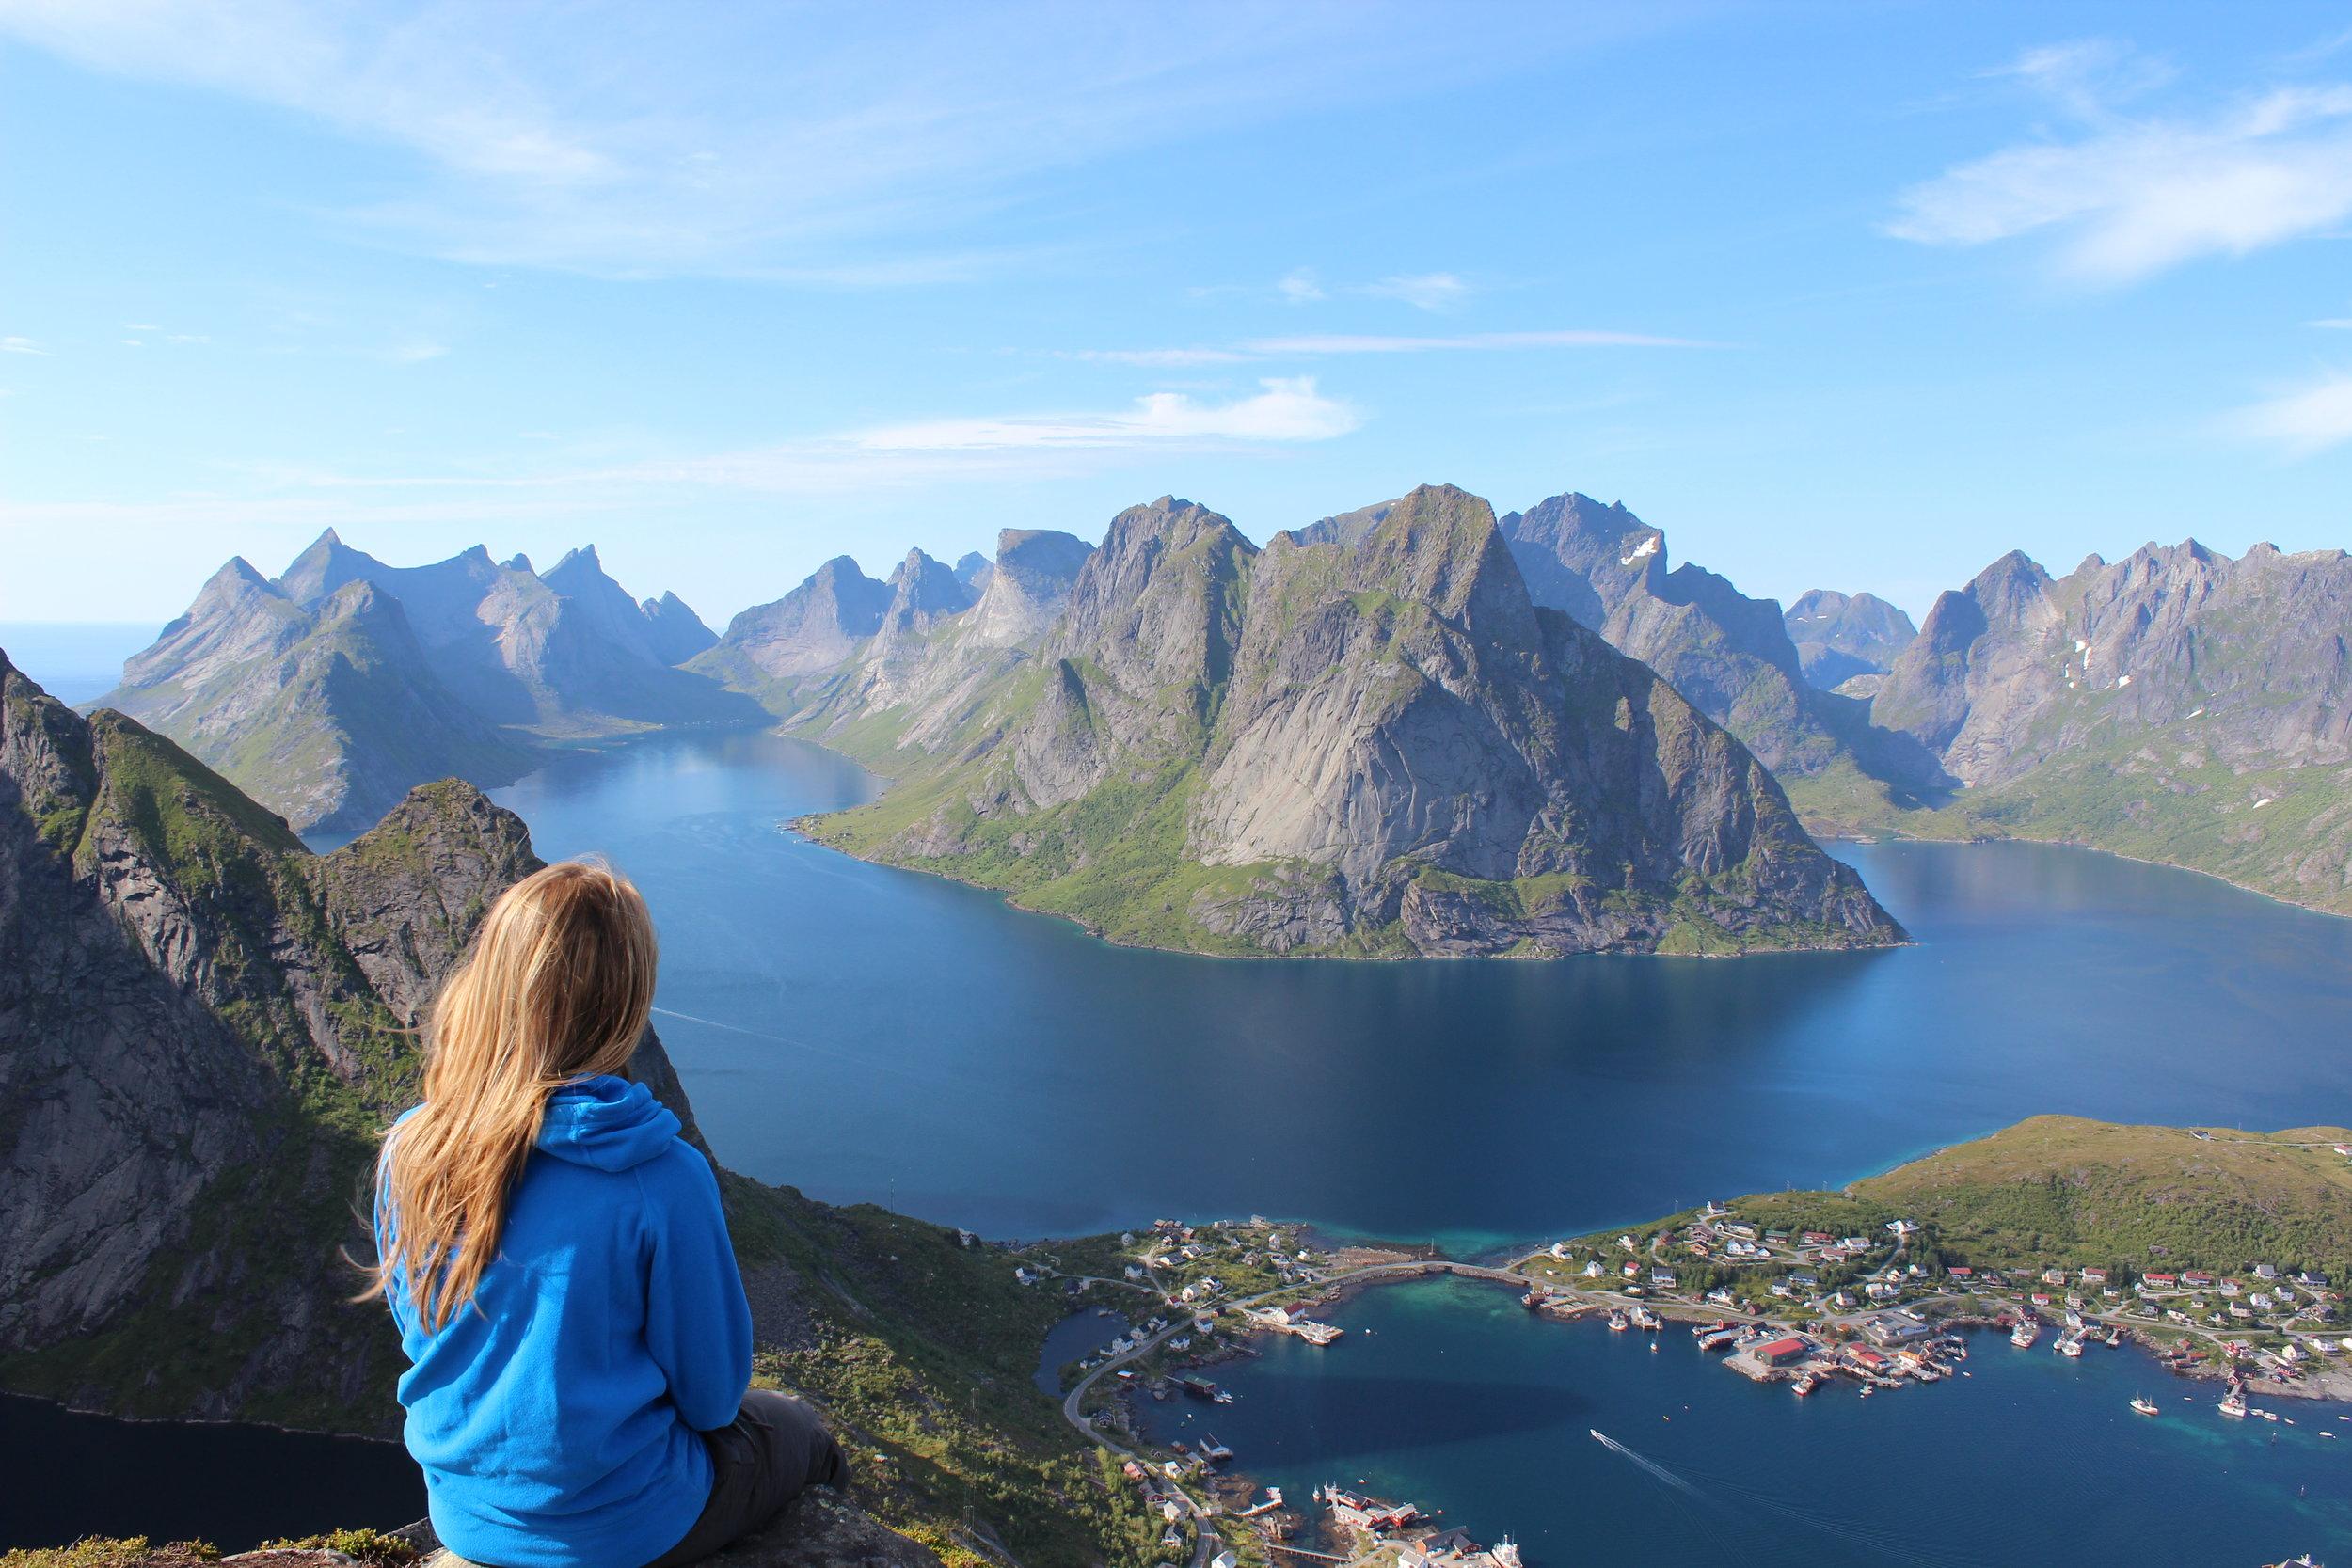 Guía para preparar tu viaje - Viajar sola significará que enfrentarás tus miedos, conocerás personas nuevas en el camino y tu vida cambiará.